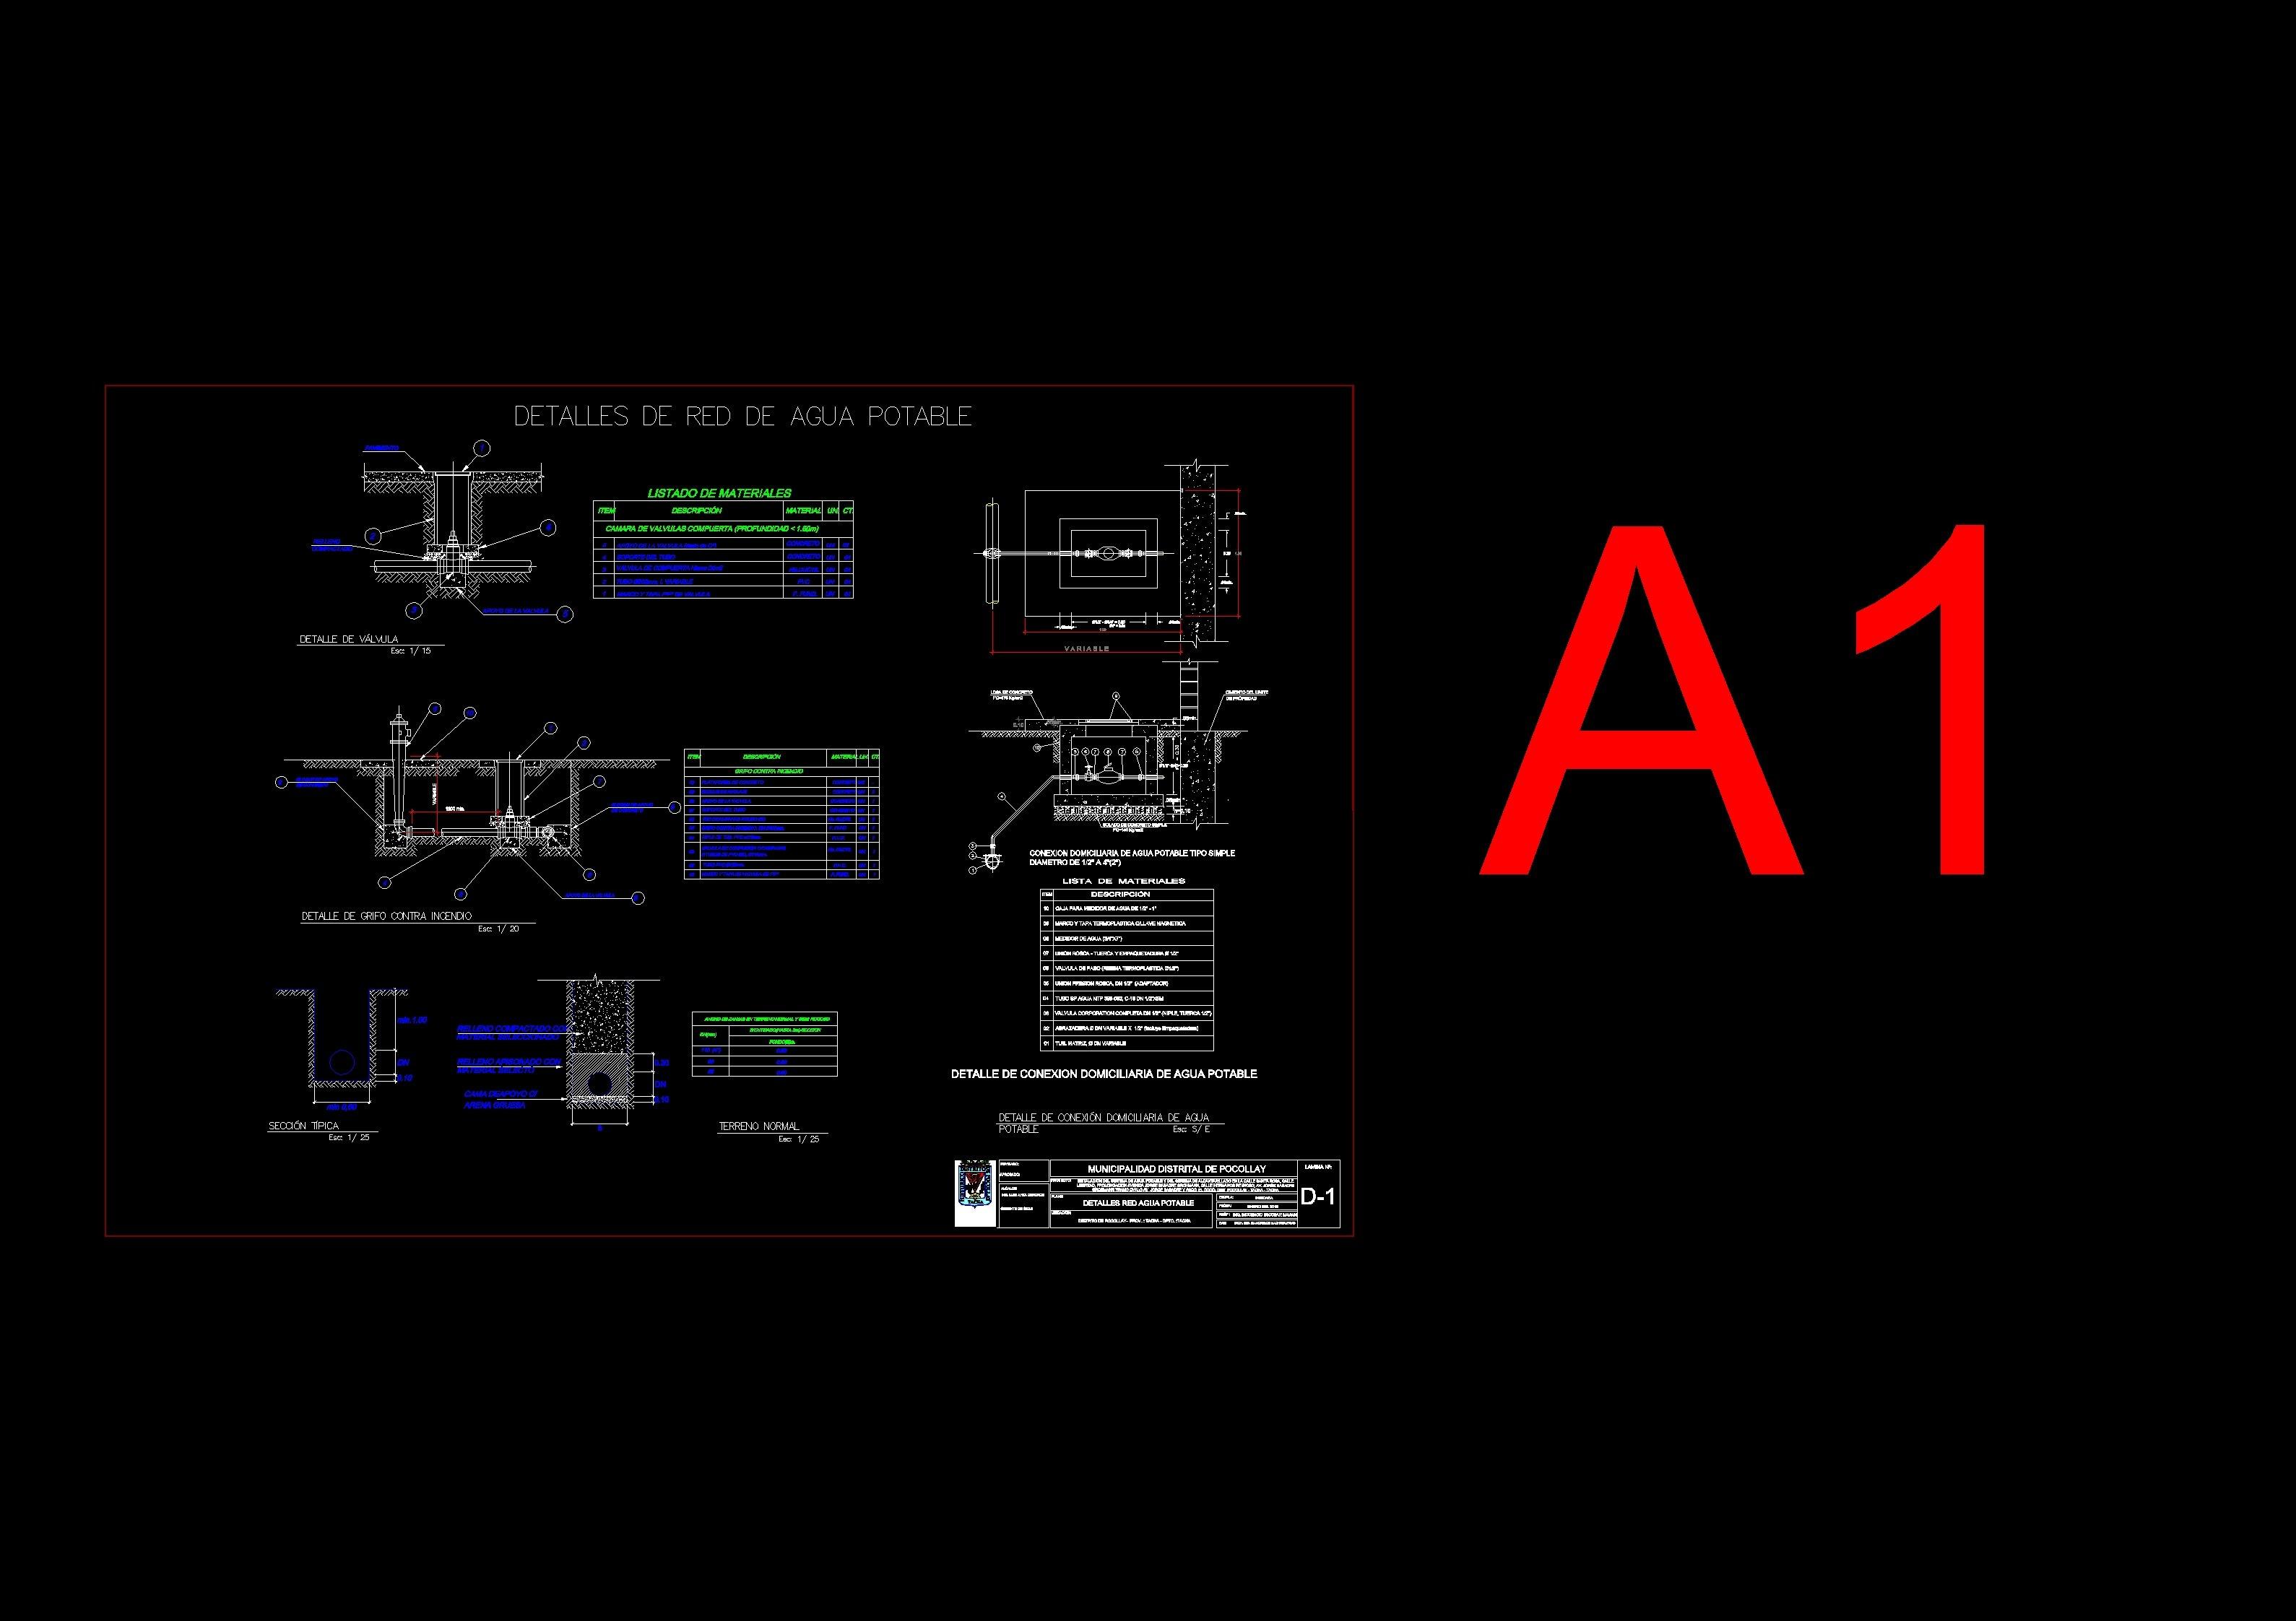 Descarga gratis detalle de agua planos y bloques en autocad sobre arquitectura y construcci n - Bloques autocad grifos ...